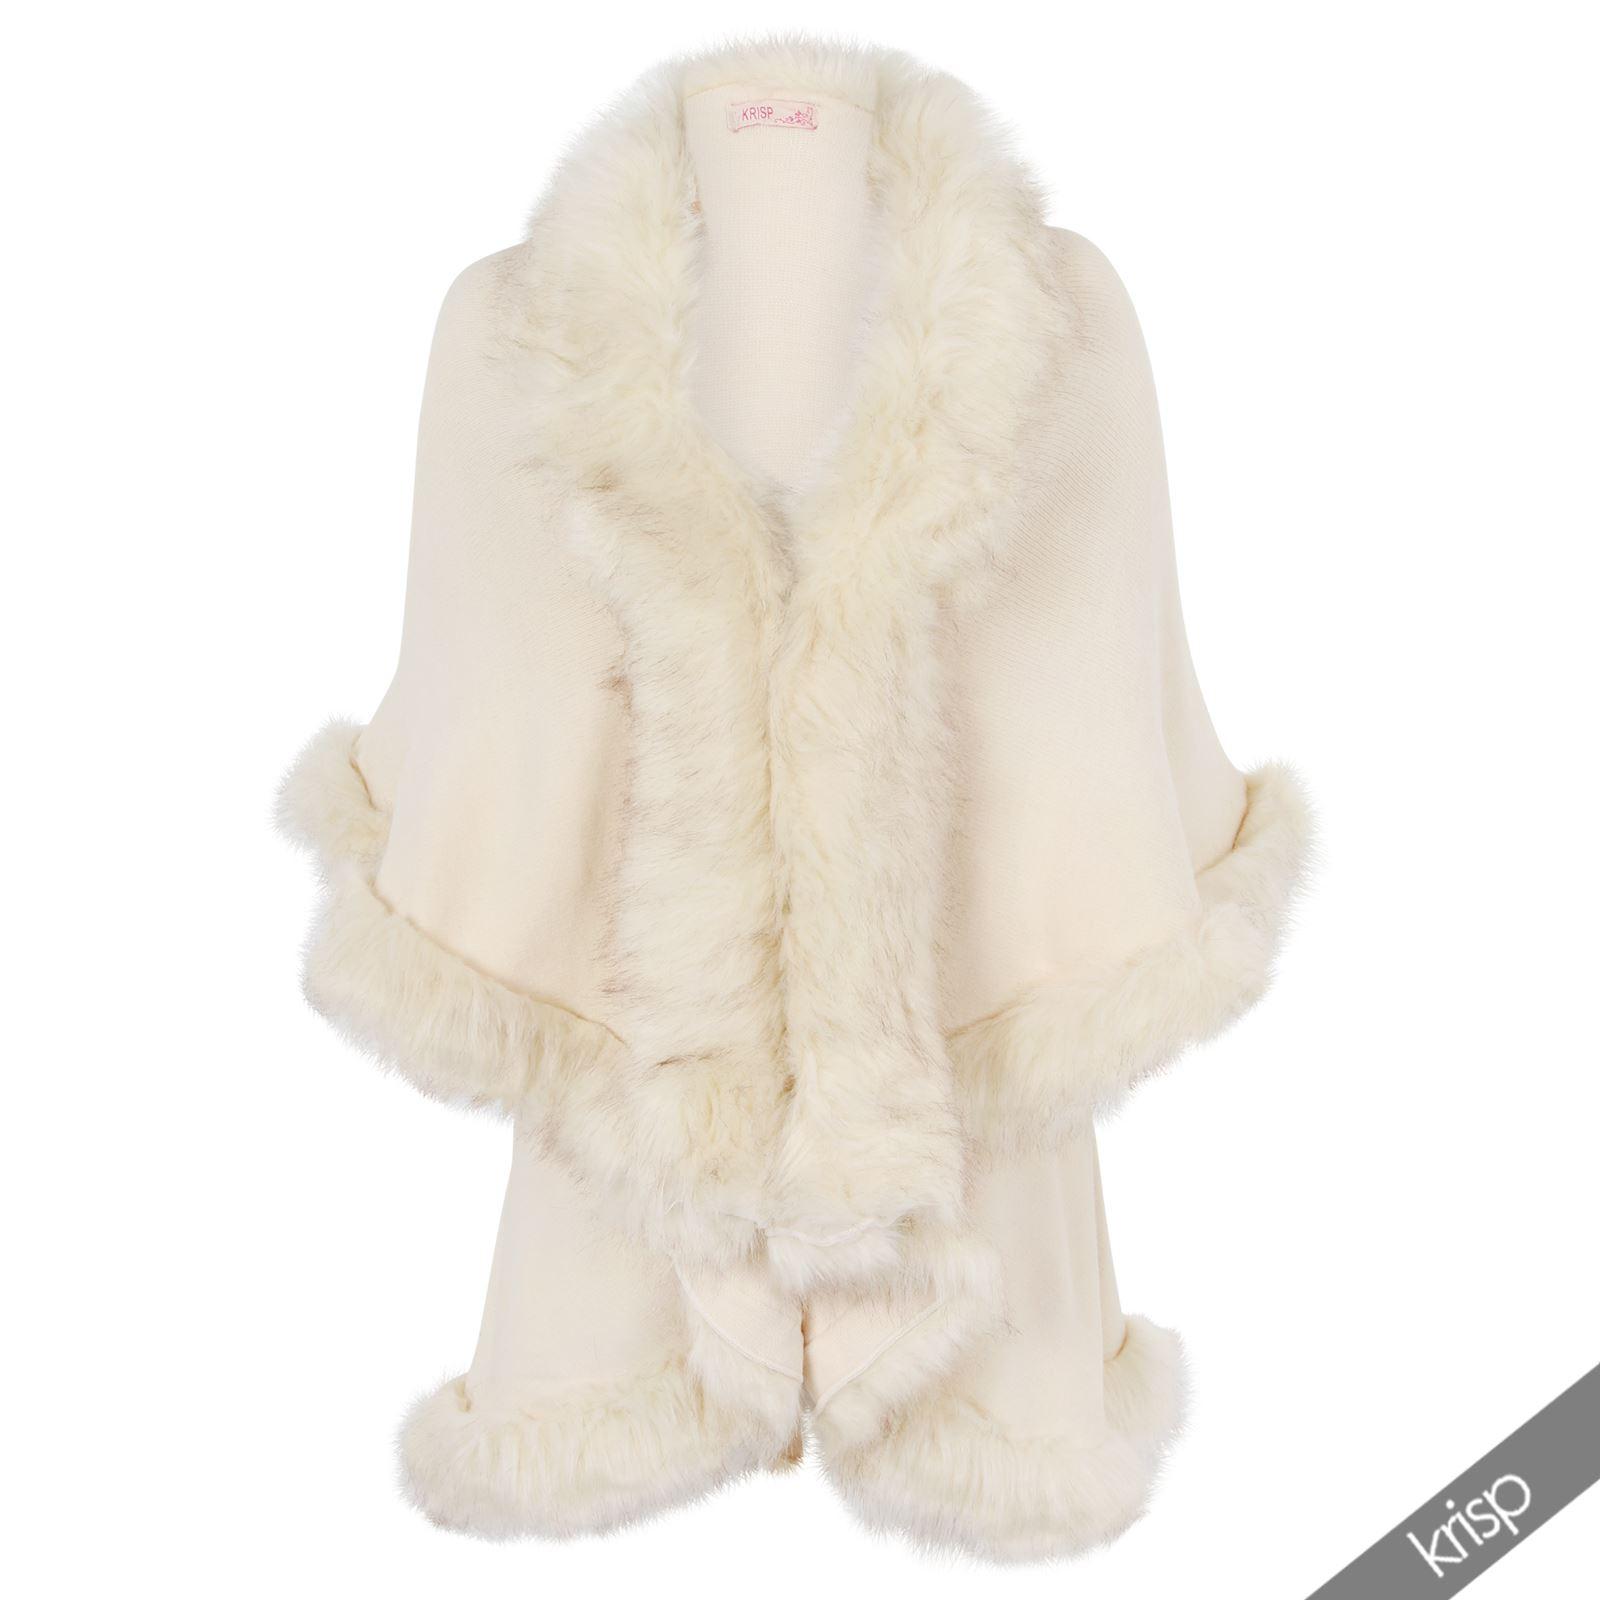 Femme laine tricot bordure en fourrure cape poncho long hiver haussement manteau top cardigan ebay - Bordure fur babyzimmer ...